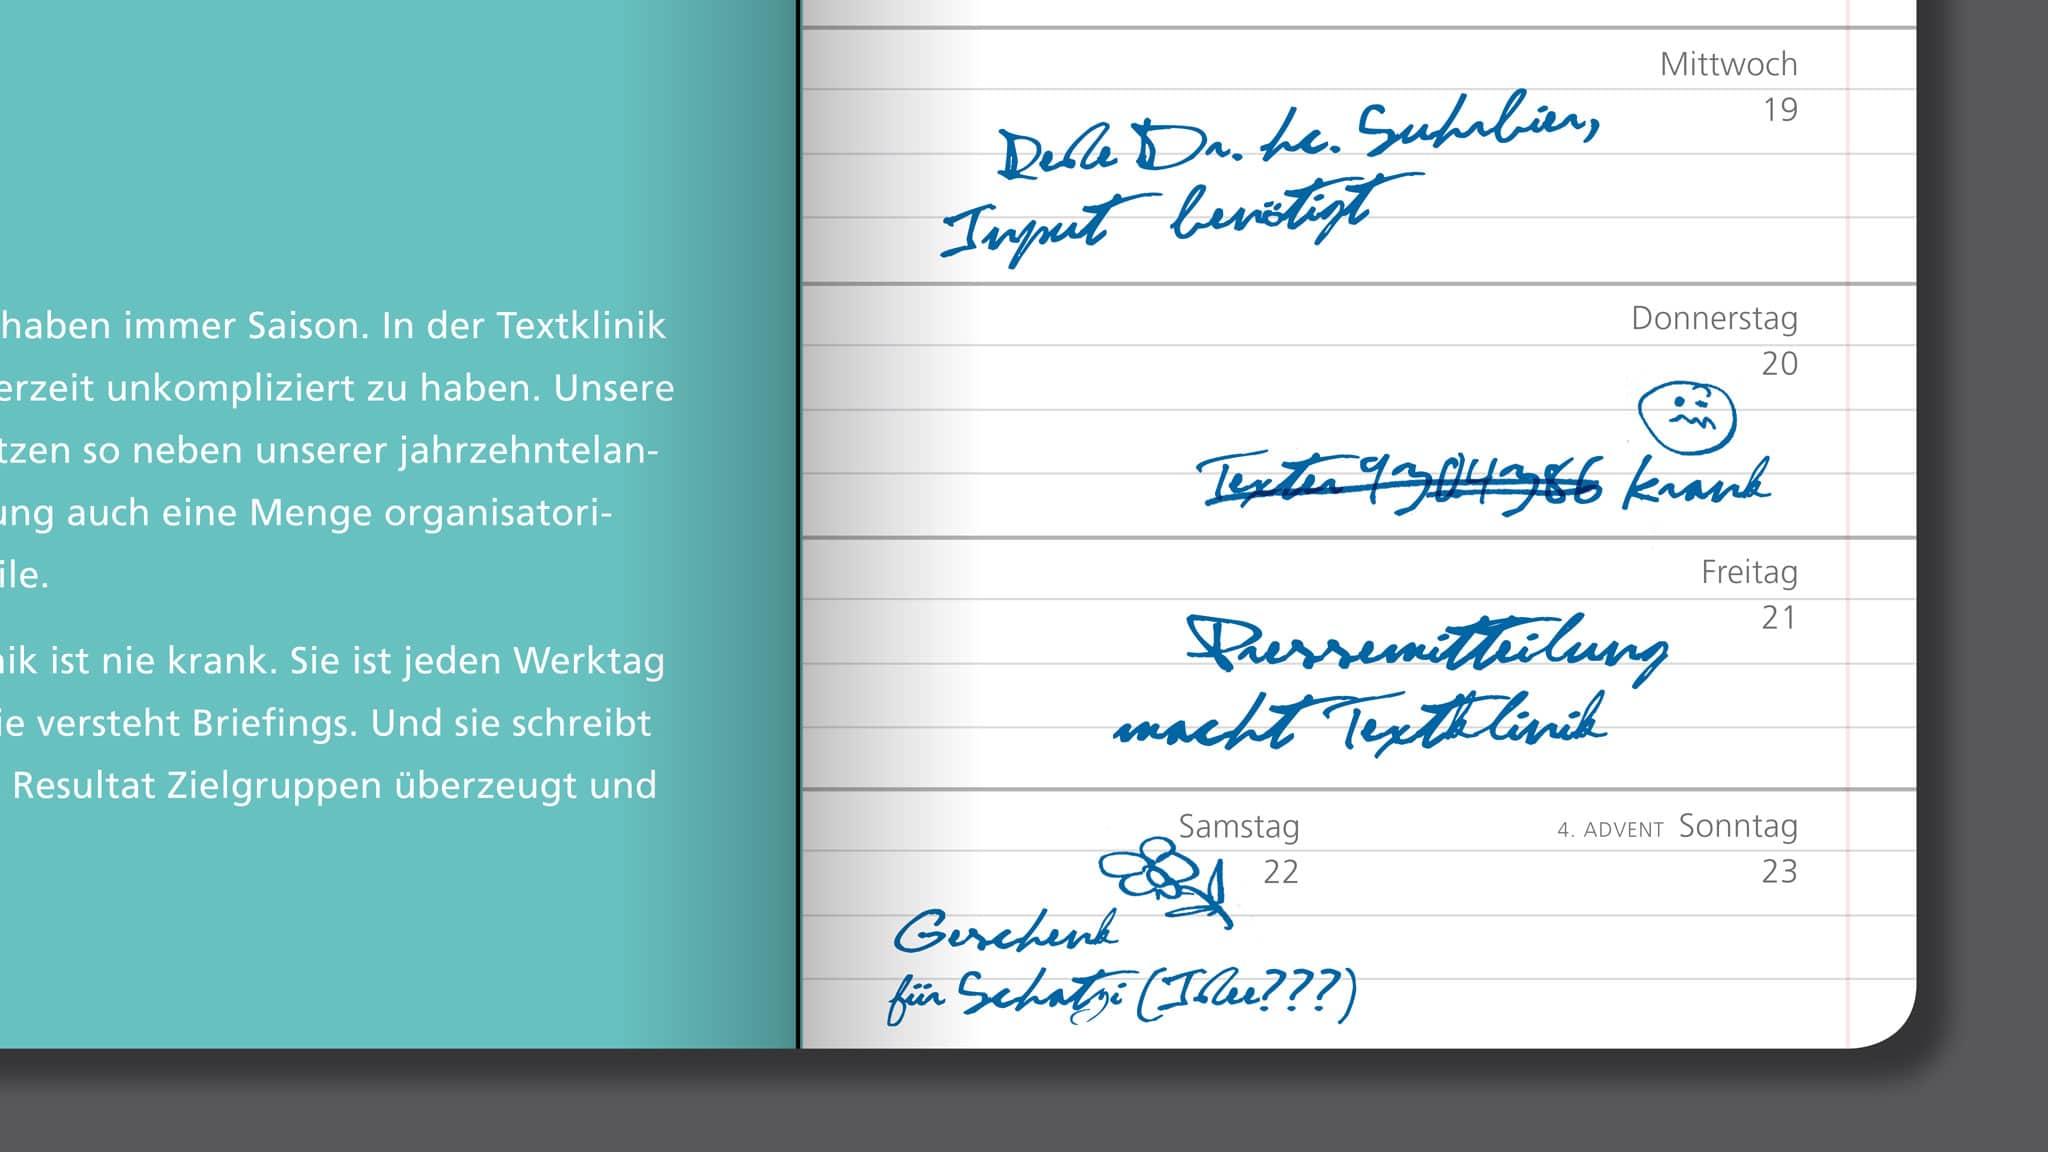 Detailseite Mailing für die Textklinik